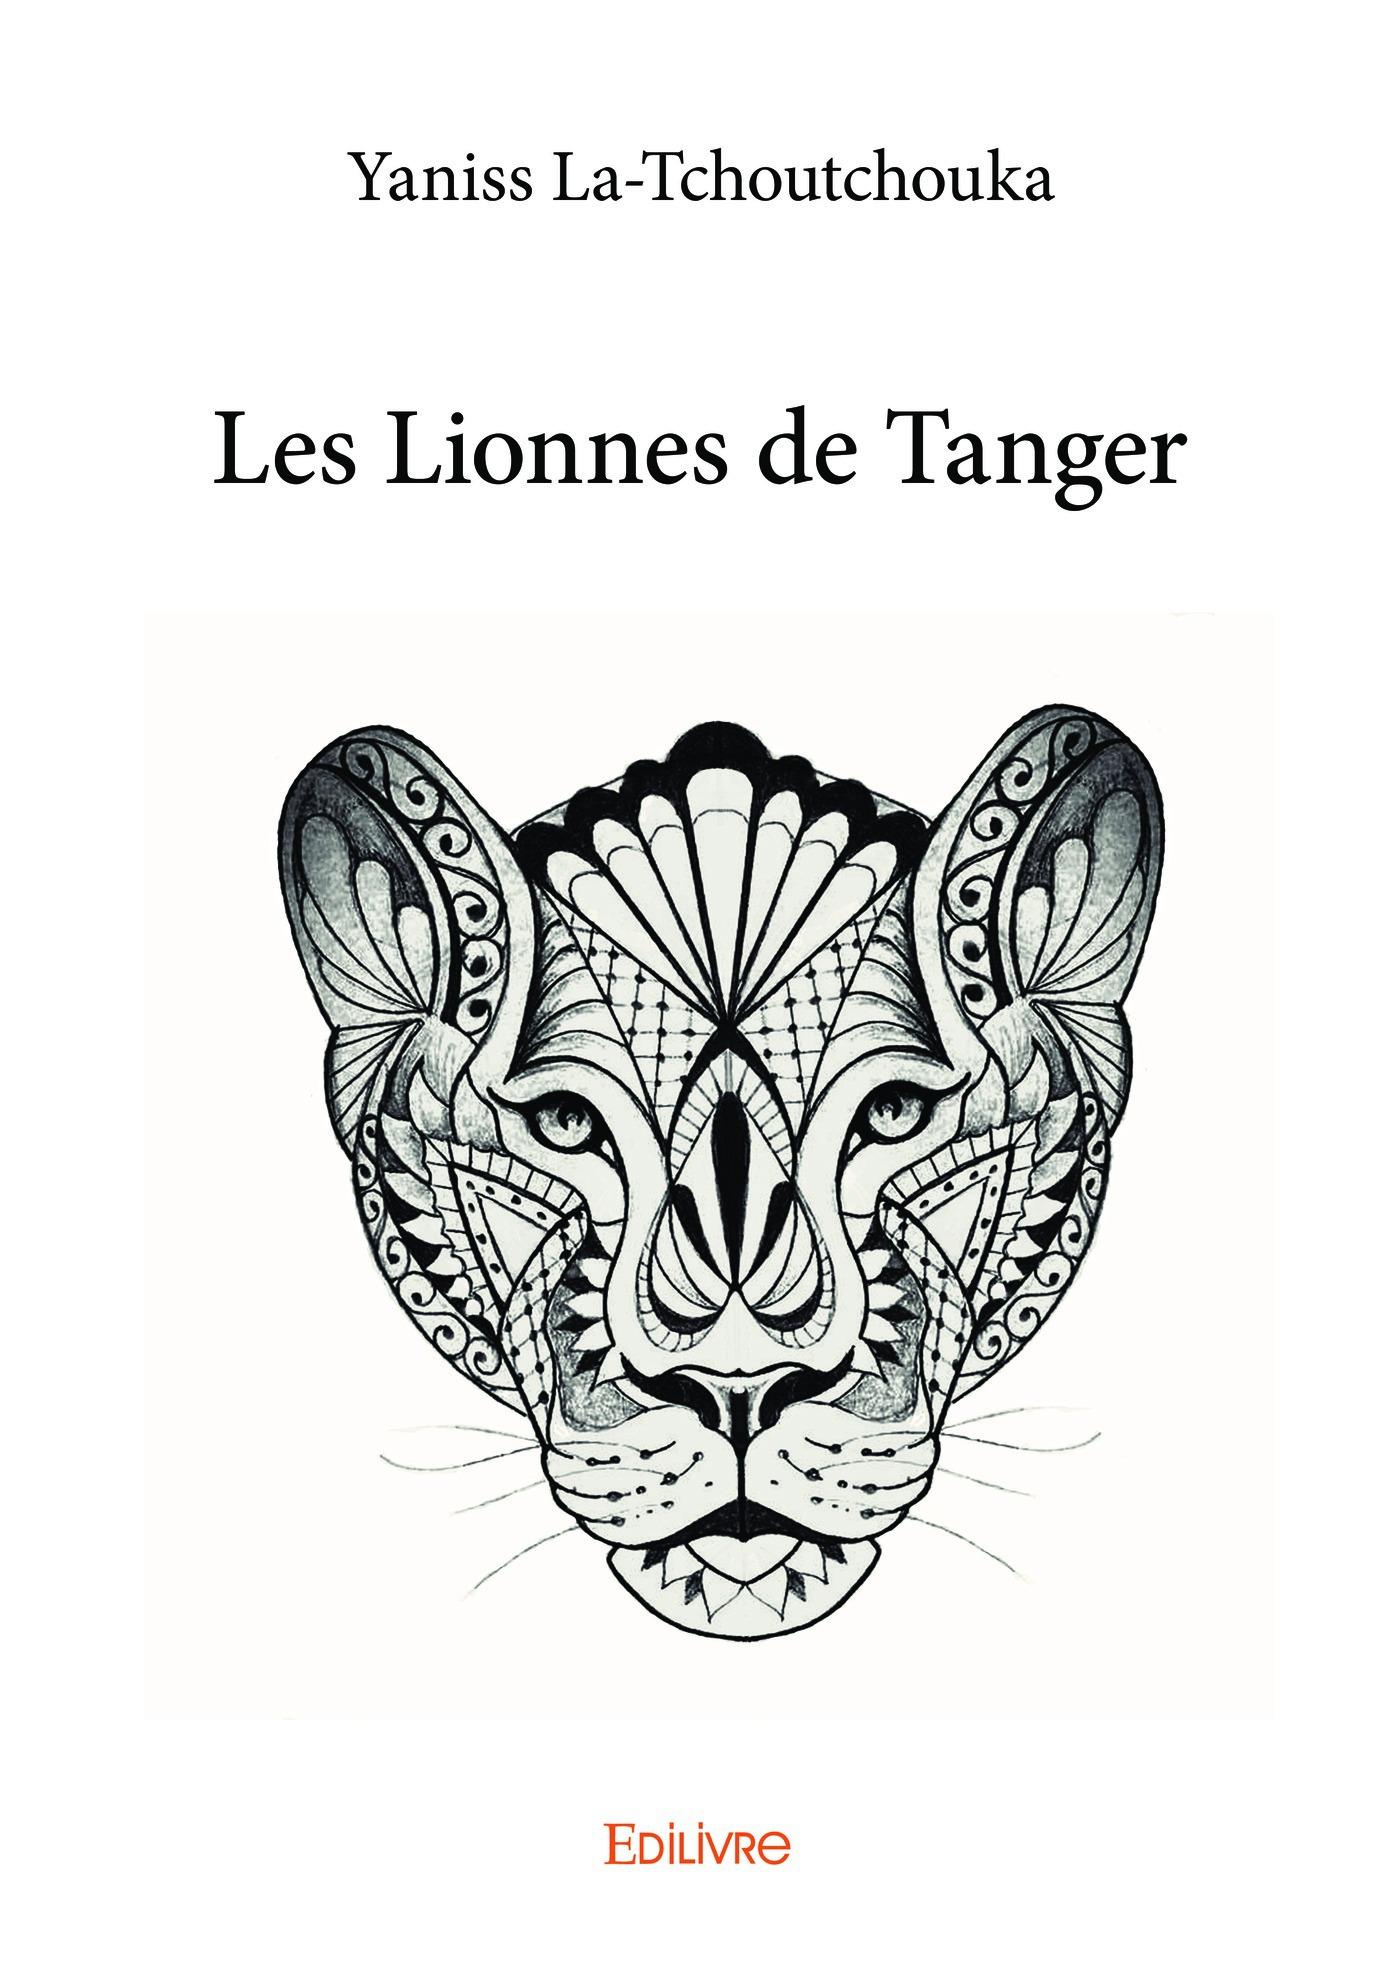 Les lionnes de Tanger